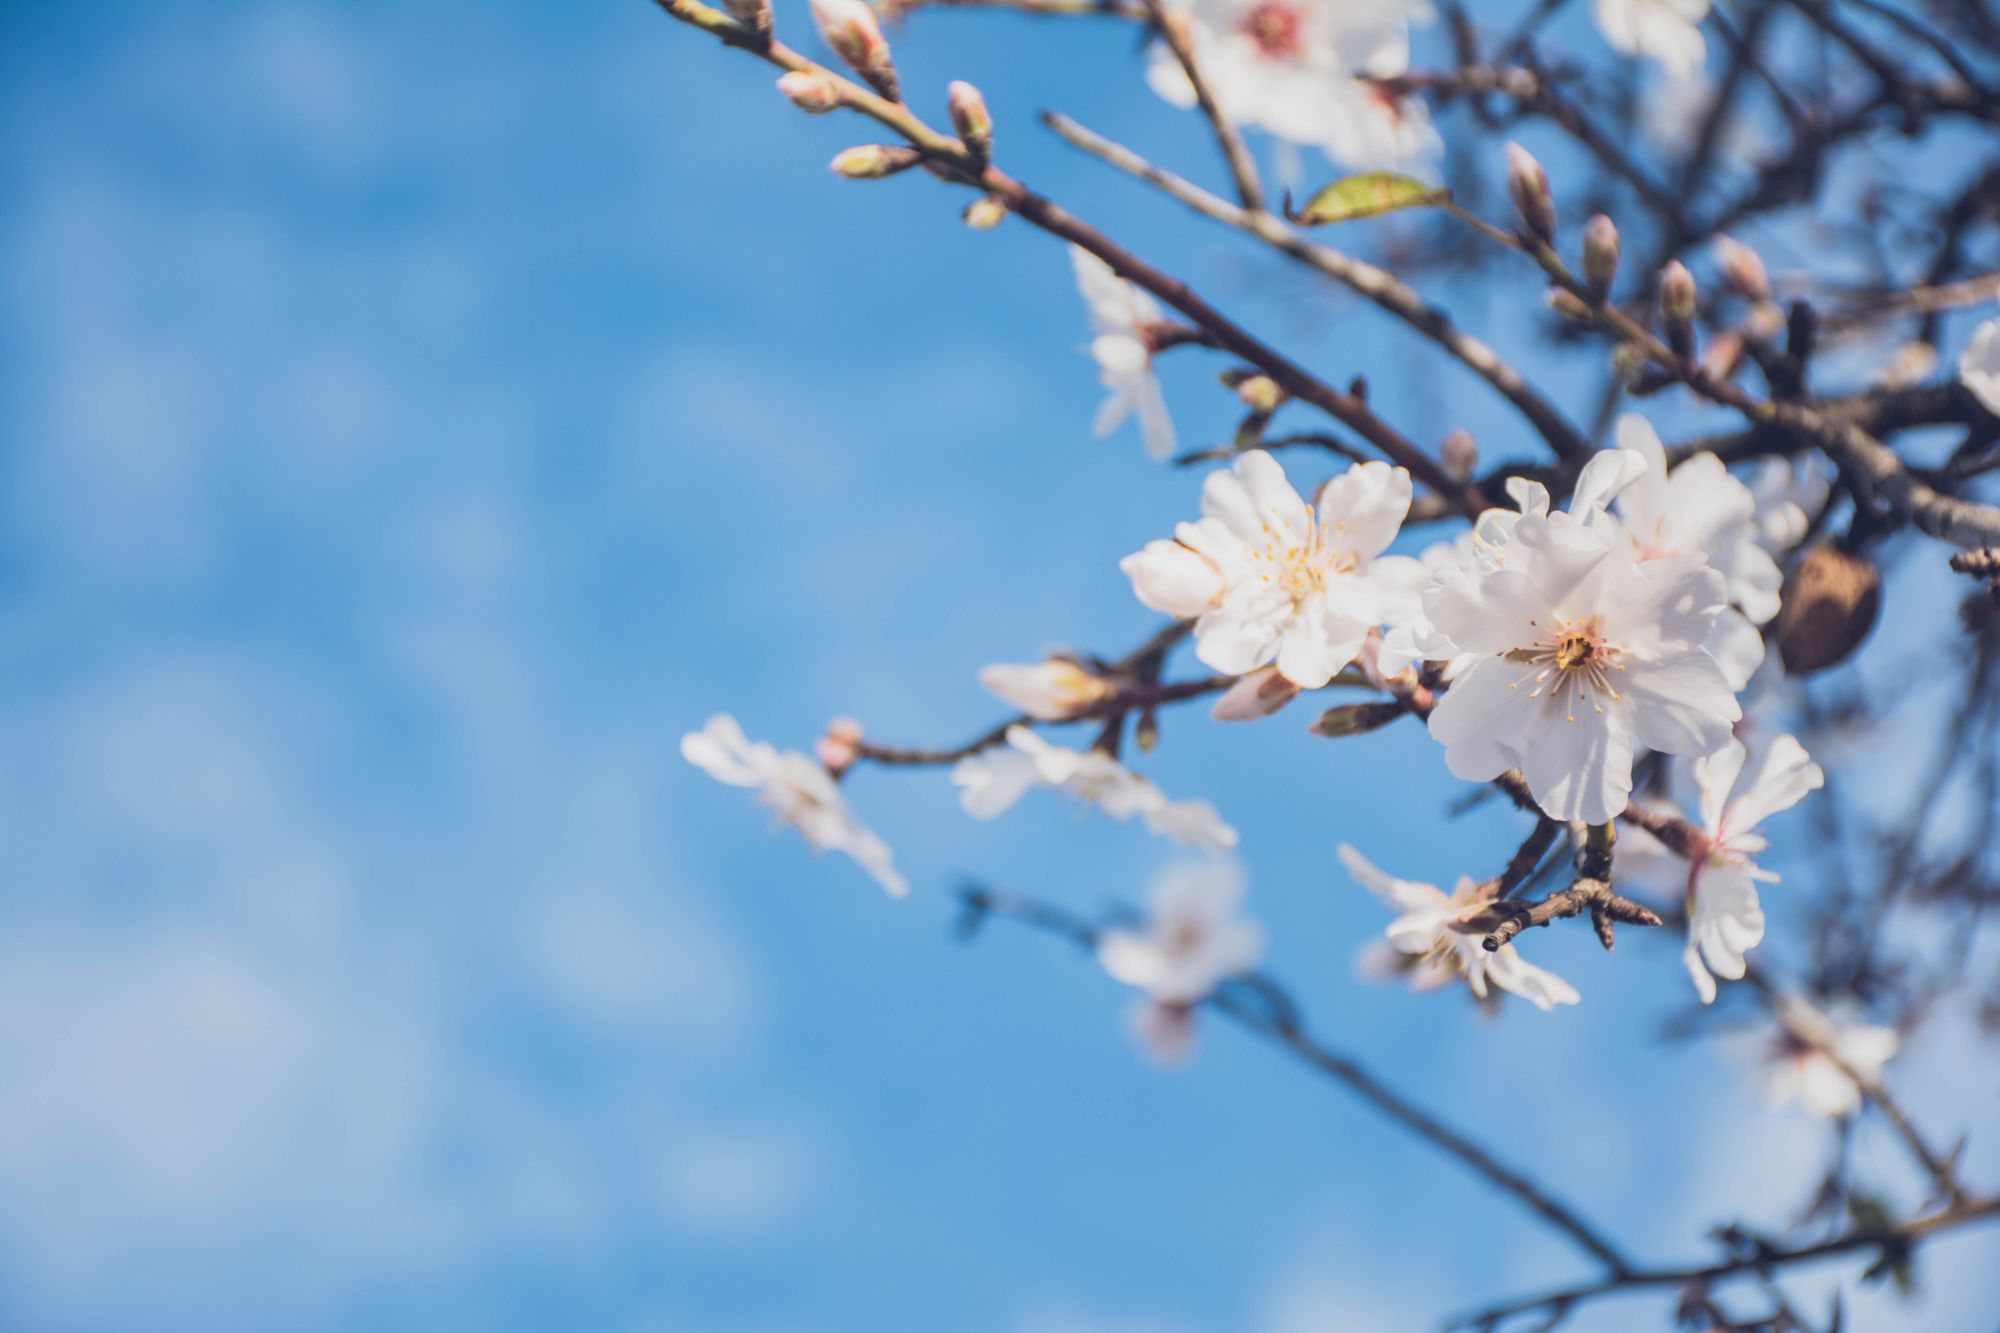 õitsev kirsioks, sinine taevas